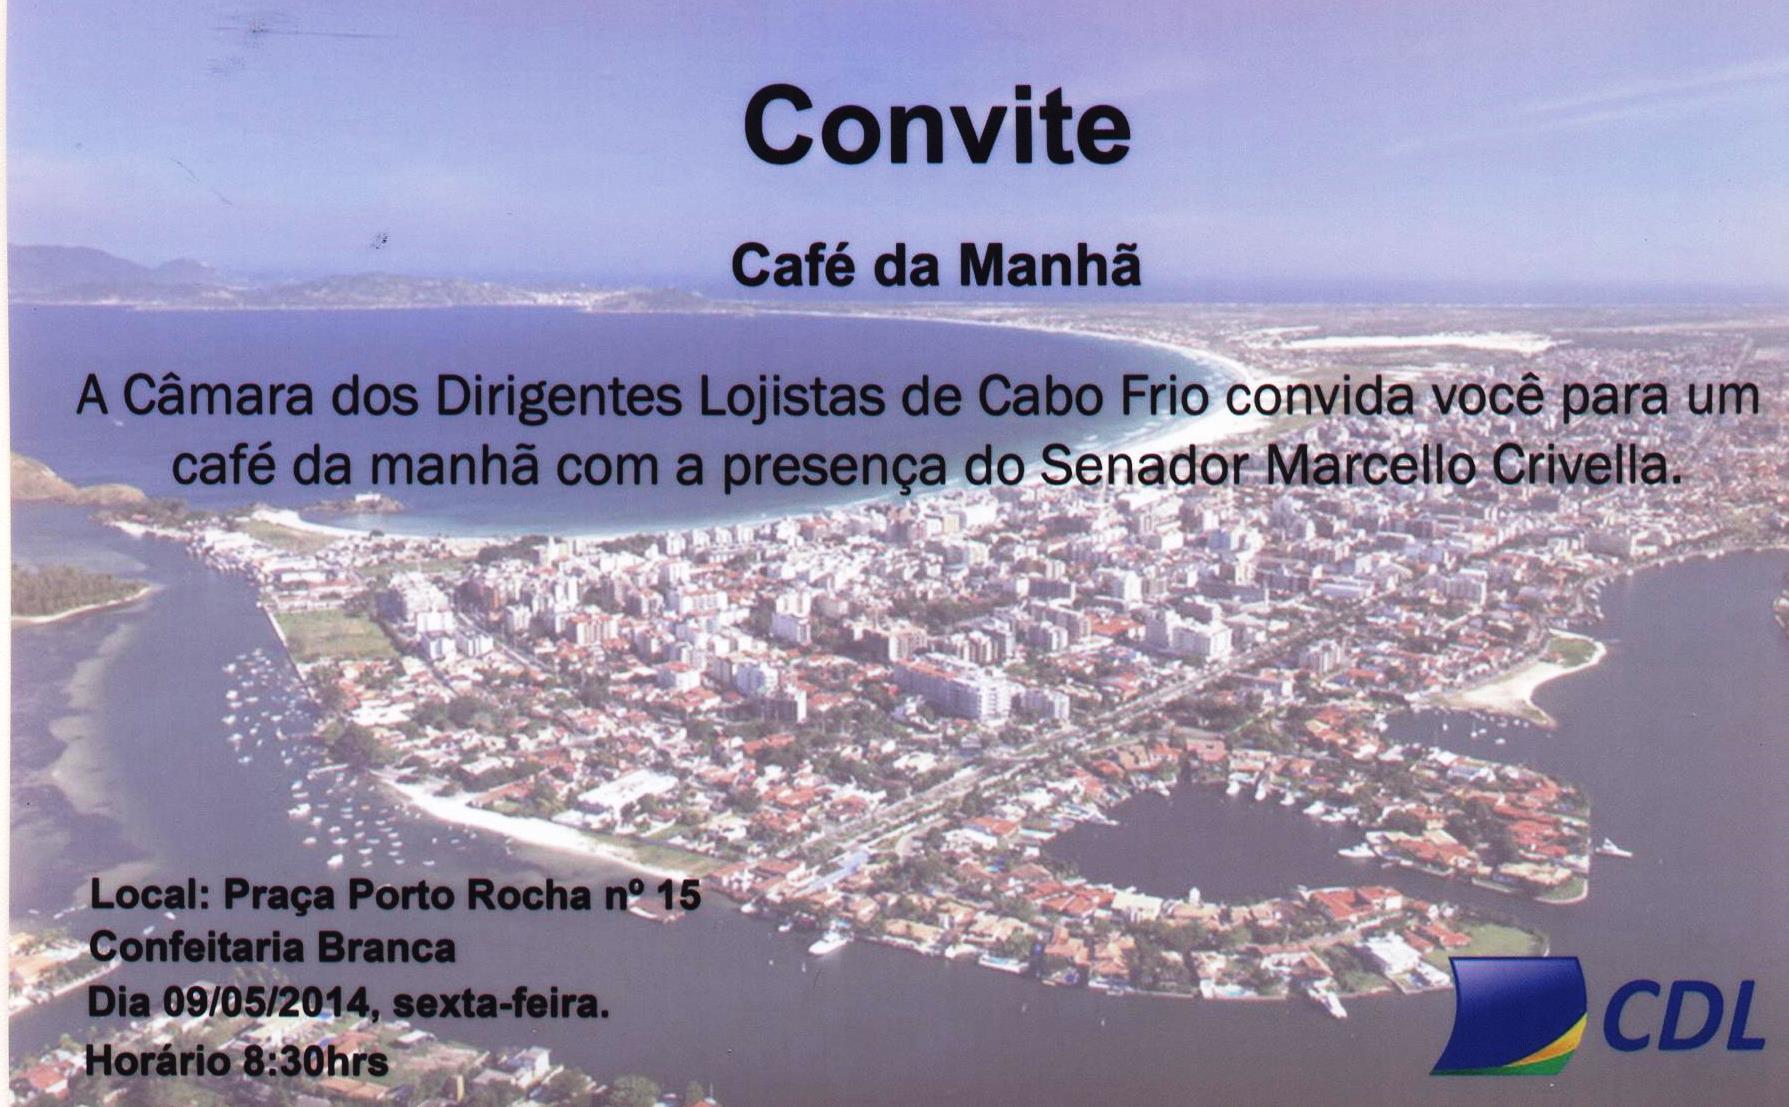 Convite Cafe da Manha Cdl Cabo Frio